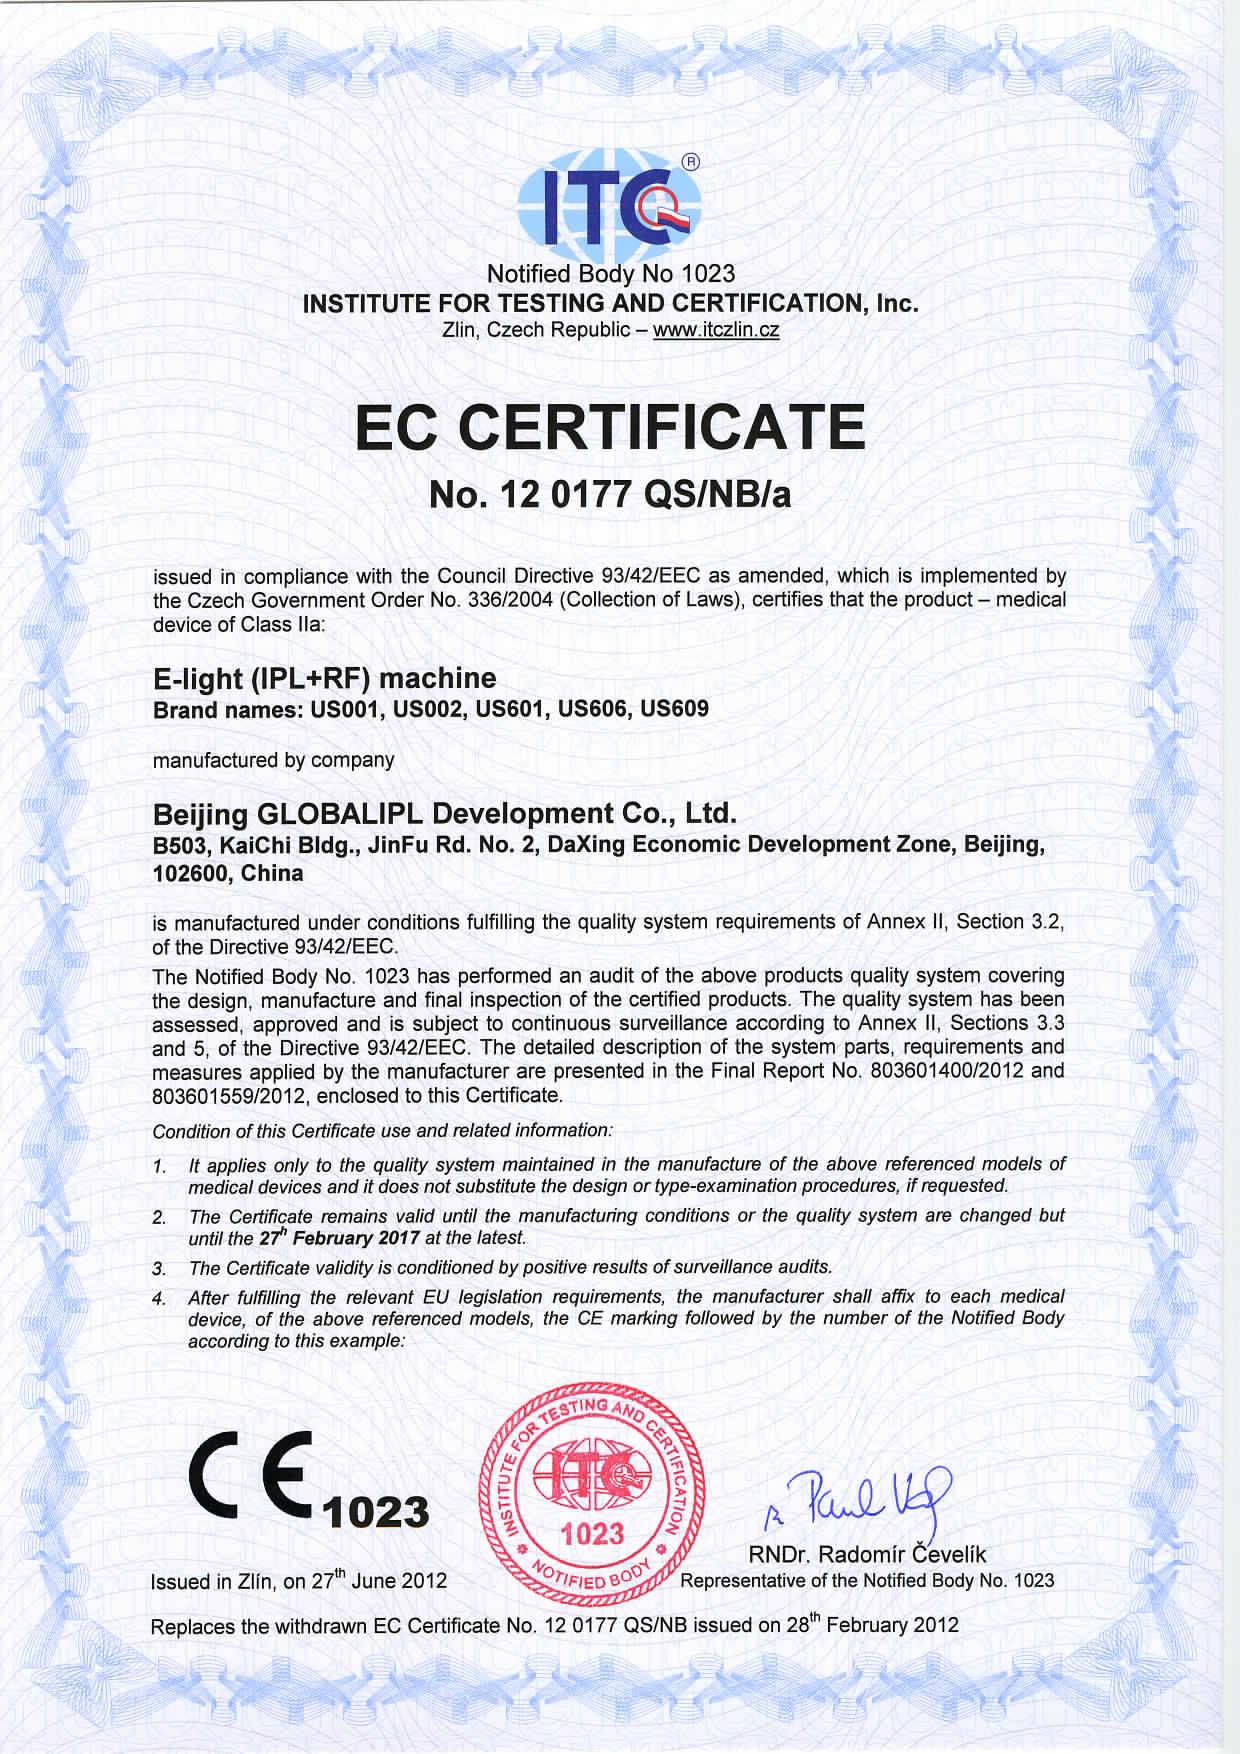 ITC CE-93/42/EEC